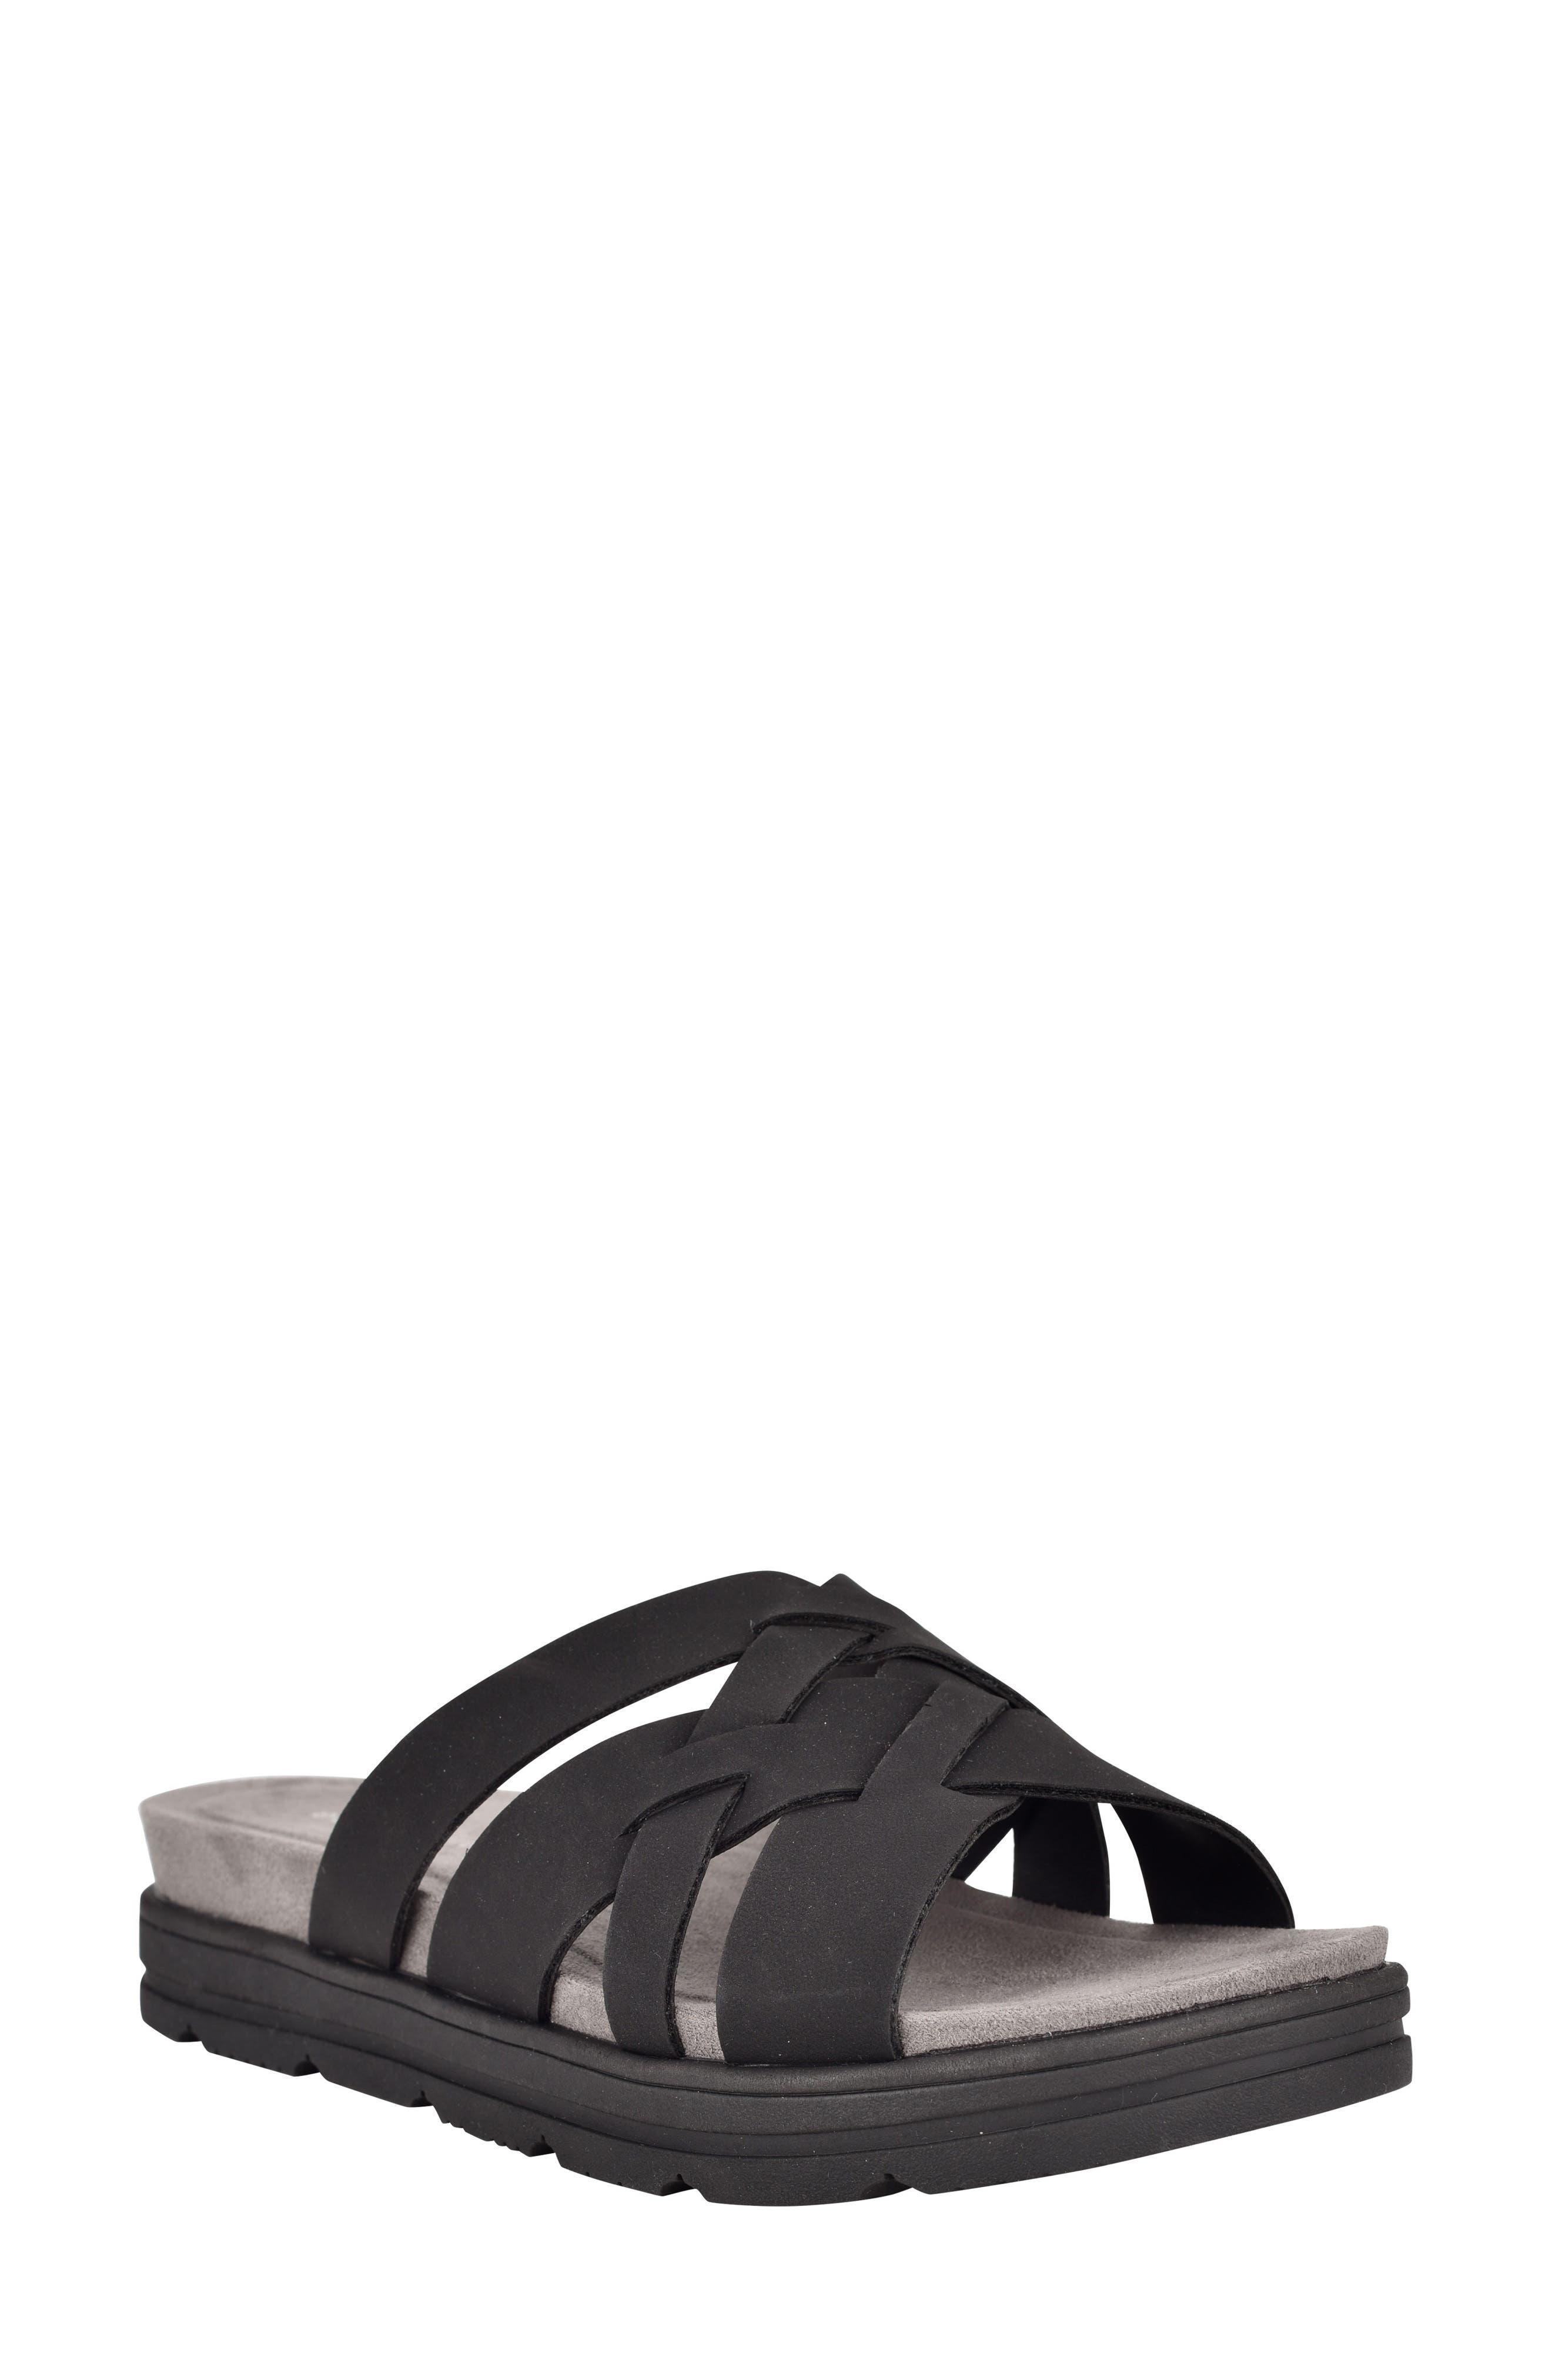 Star Slide Sandal